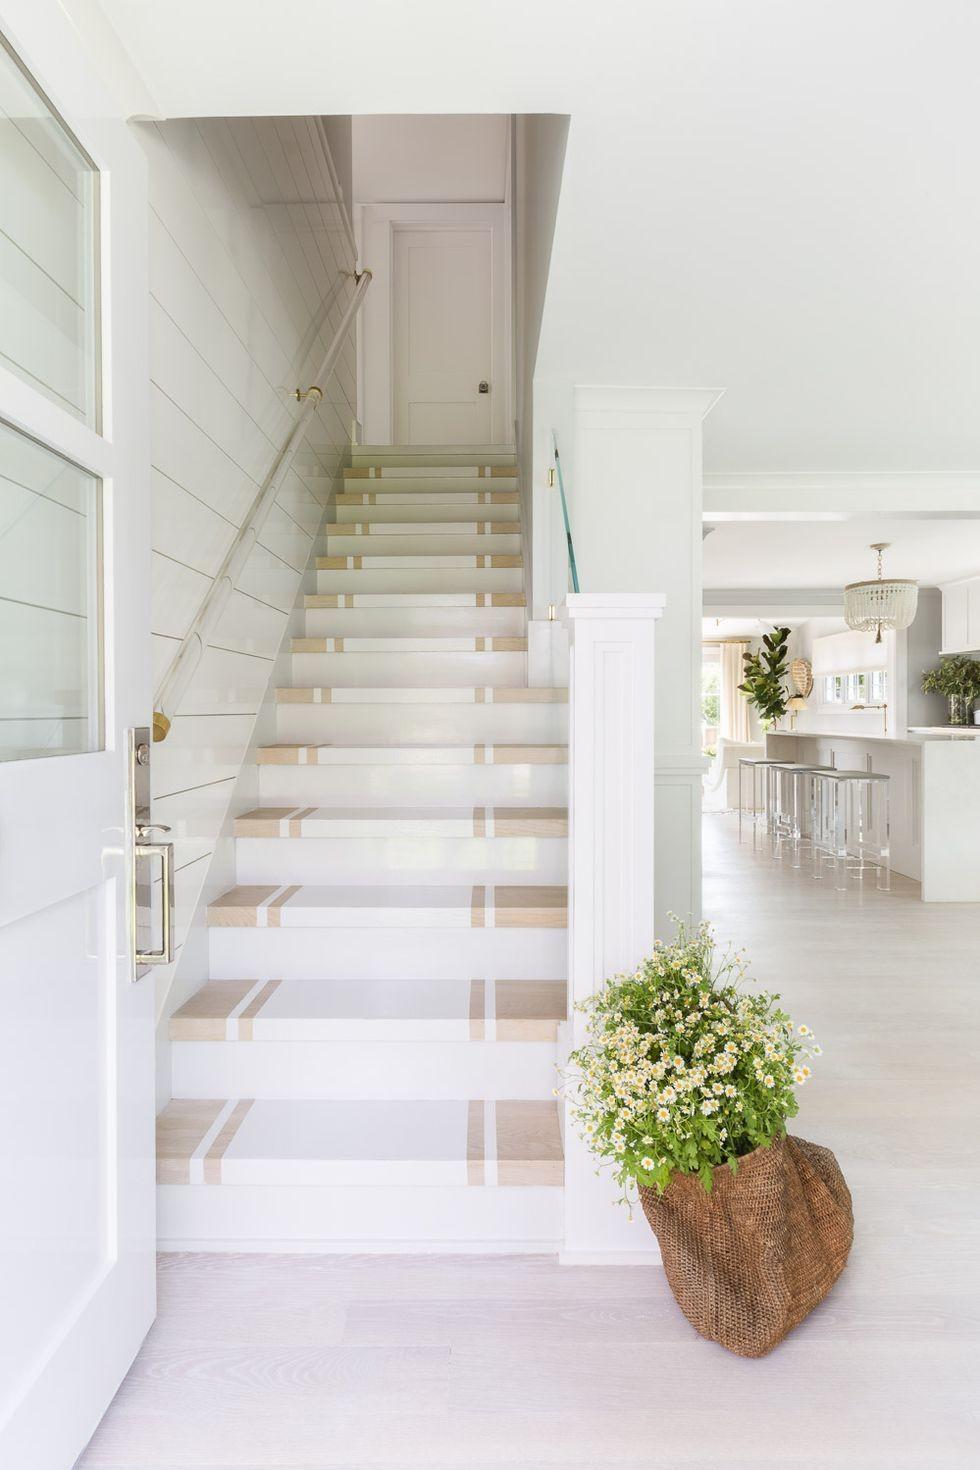 ألوان دهانات سلالم منازل داخلية - الأبيض مع الكريمي